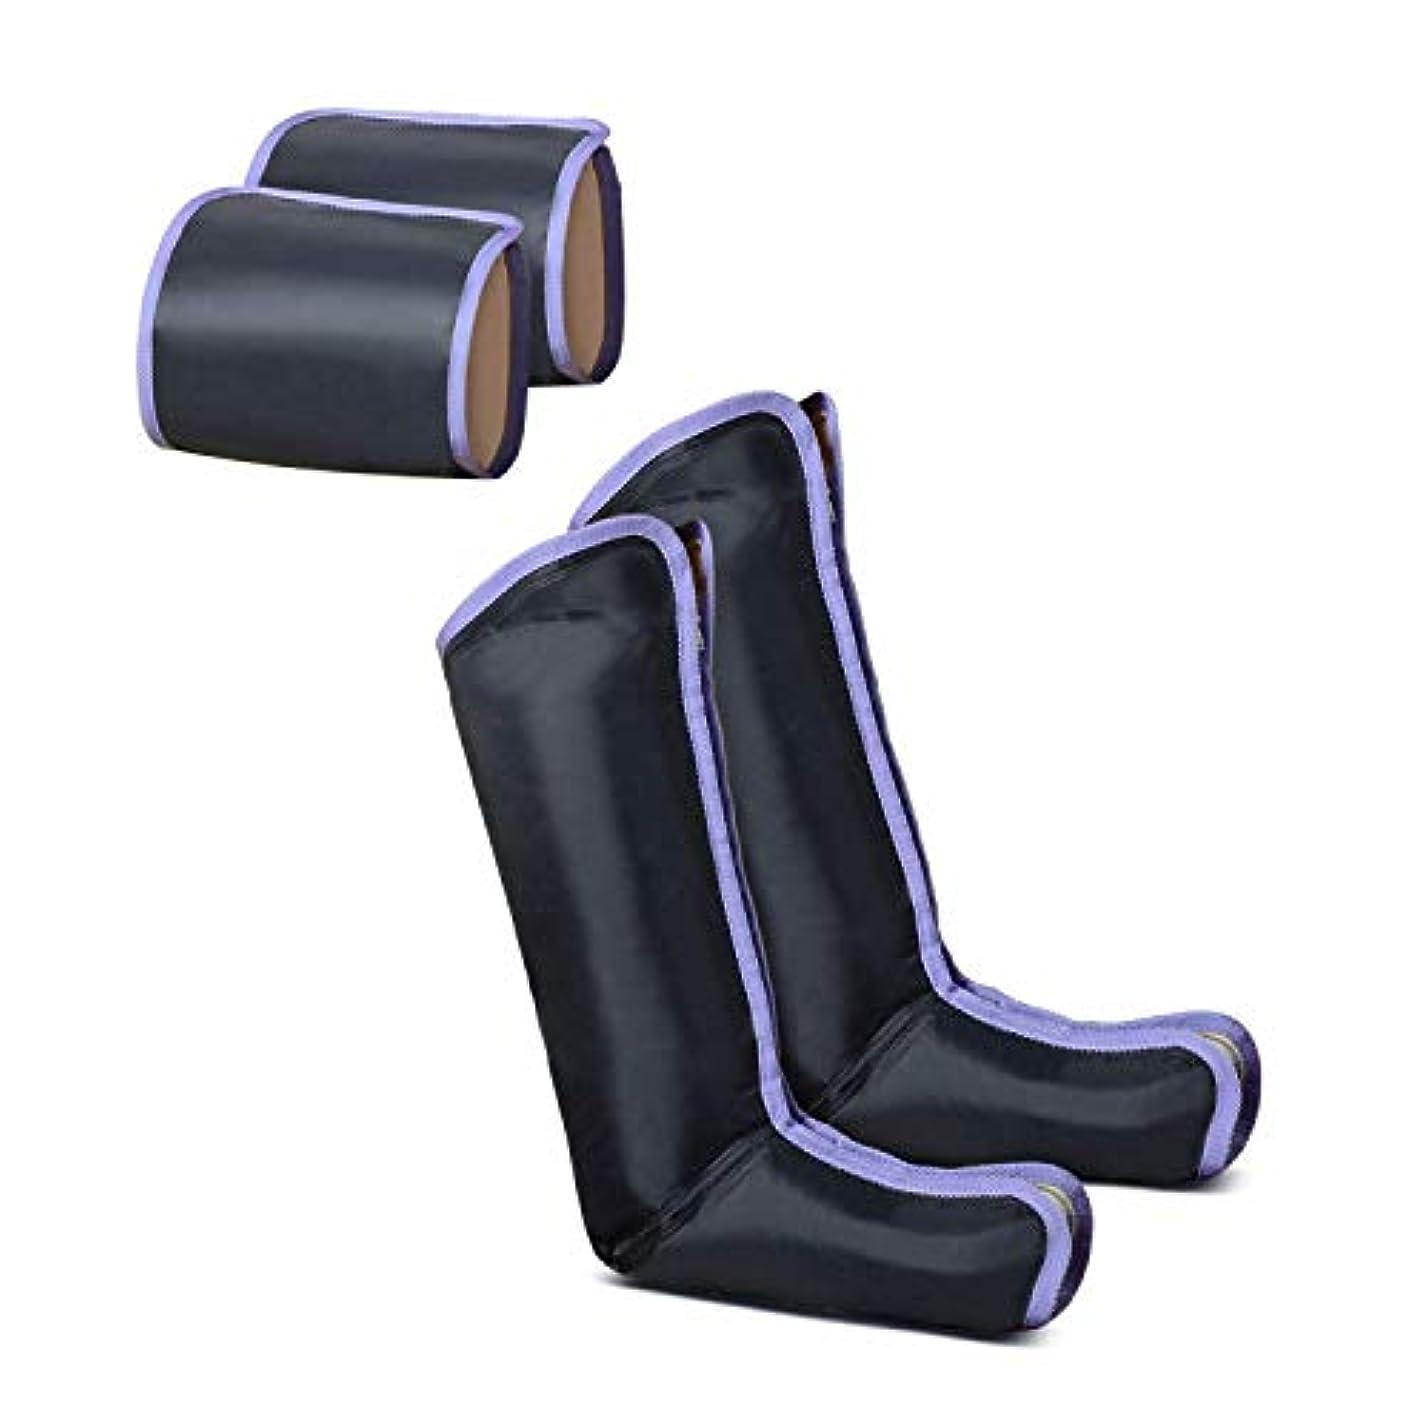 ムスタチオ終了する励起SOLIN エアーマッサージャー 電気マッサージ機 ひざ 太もも対応 血行の促進